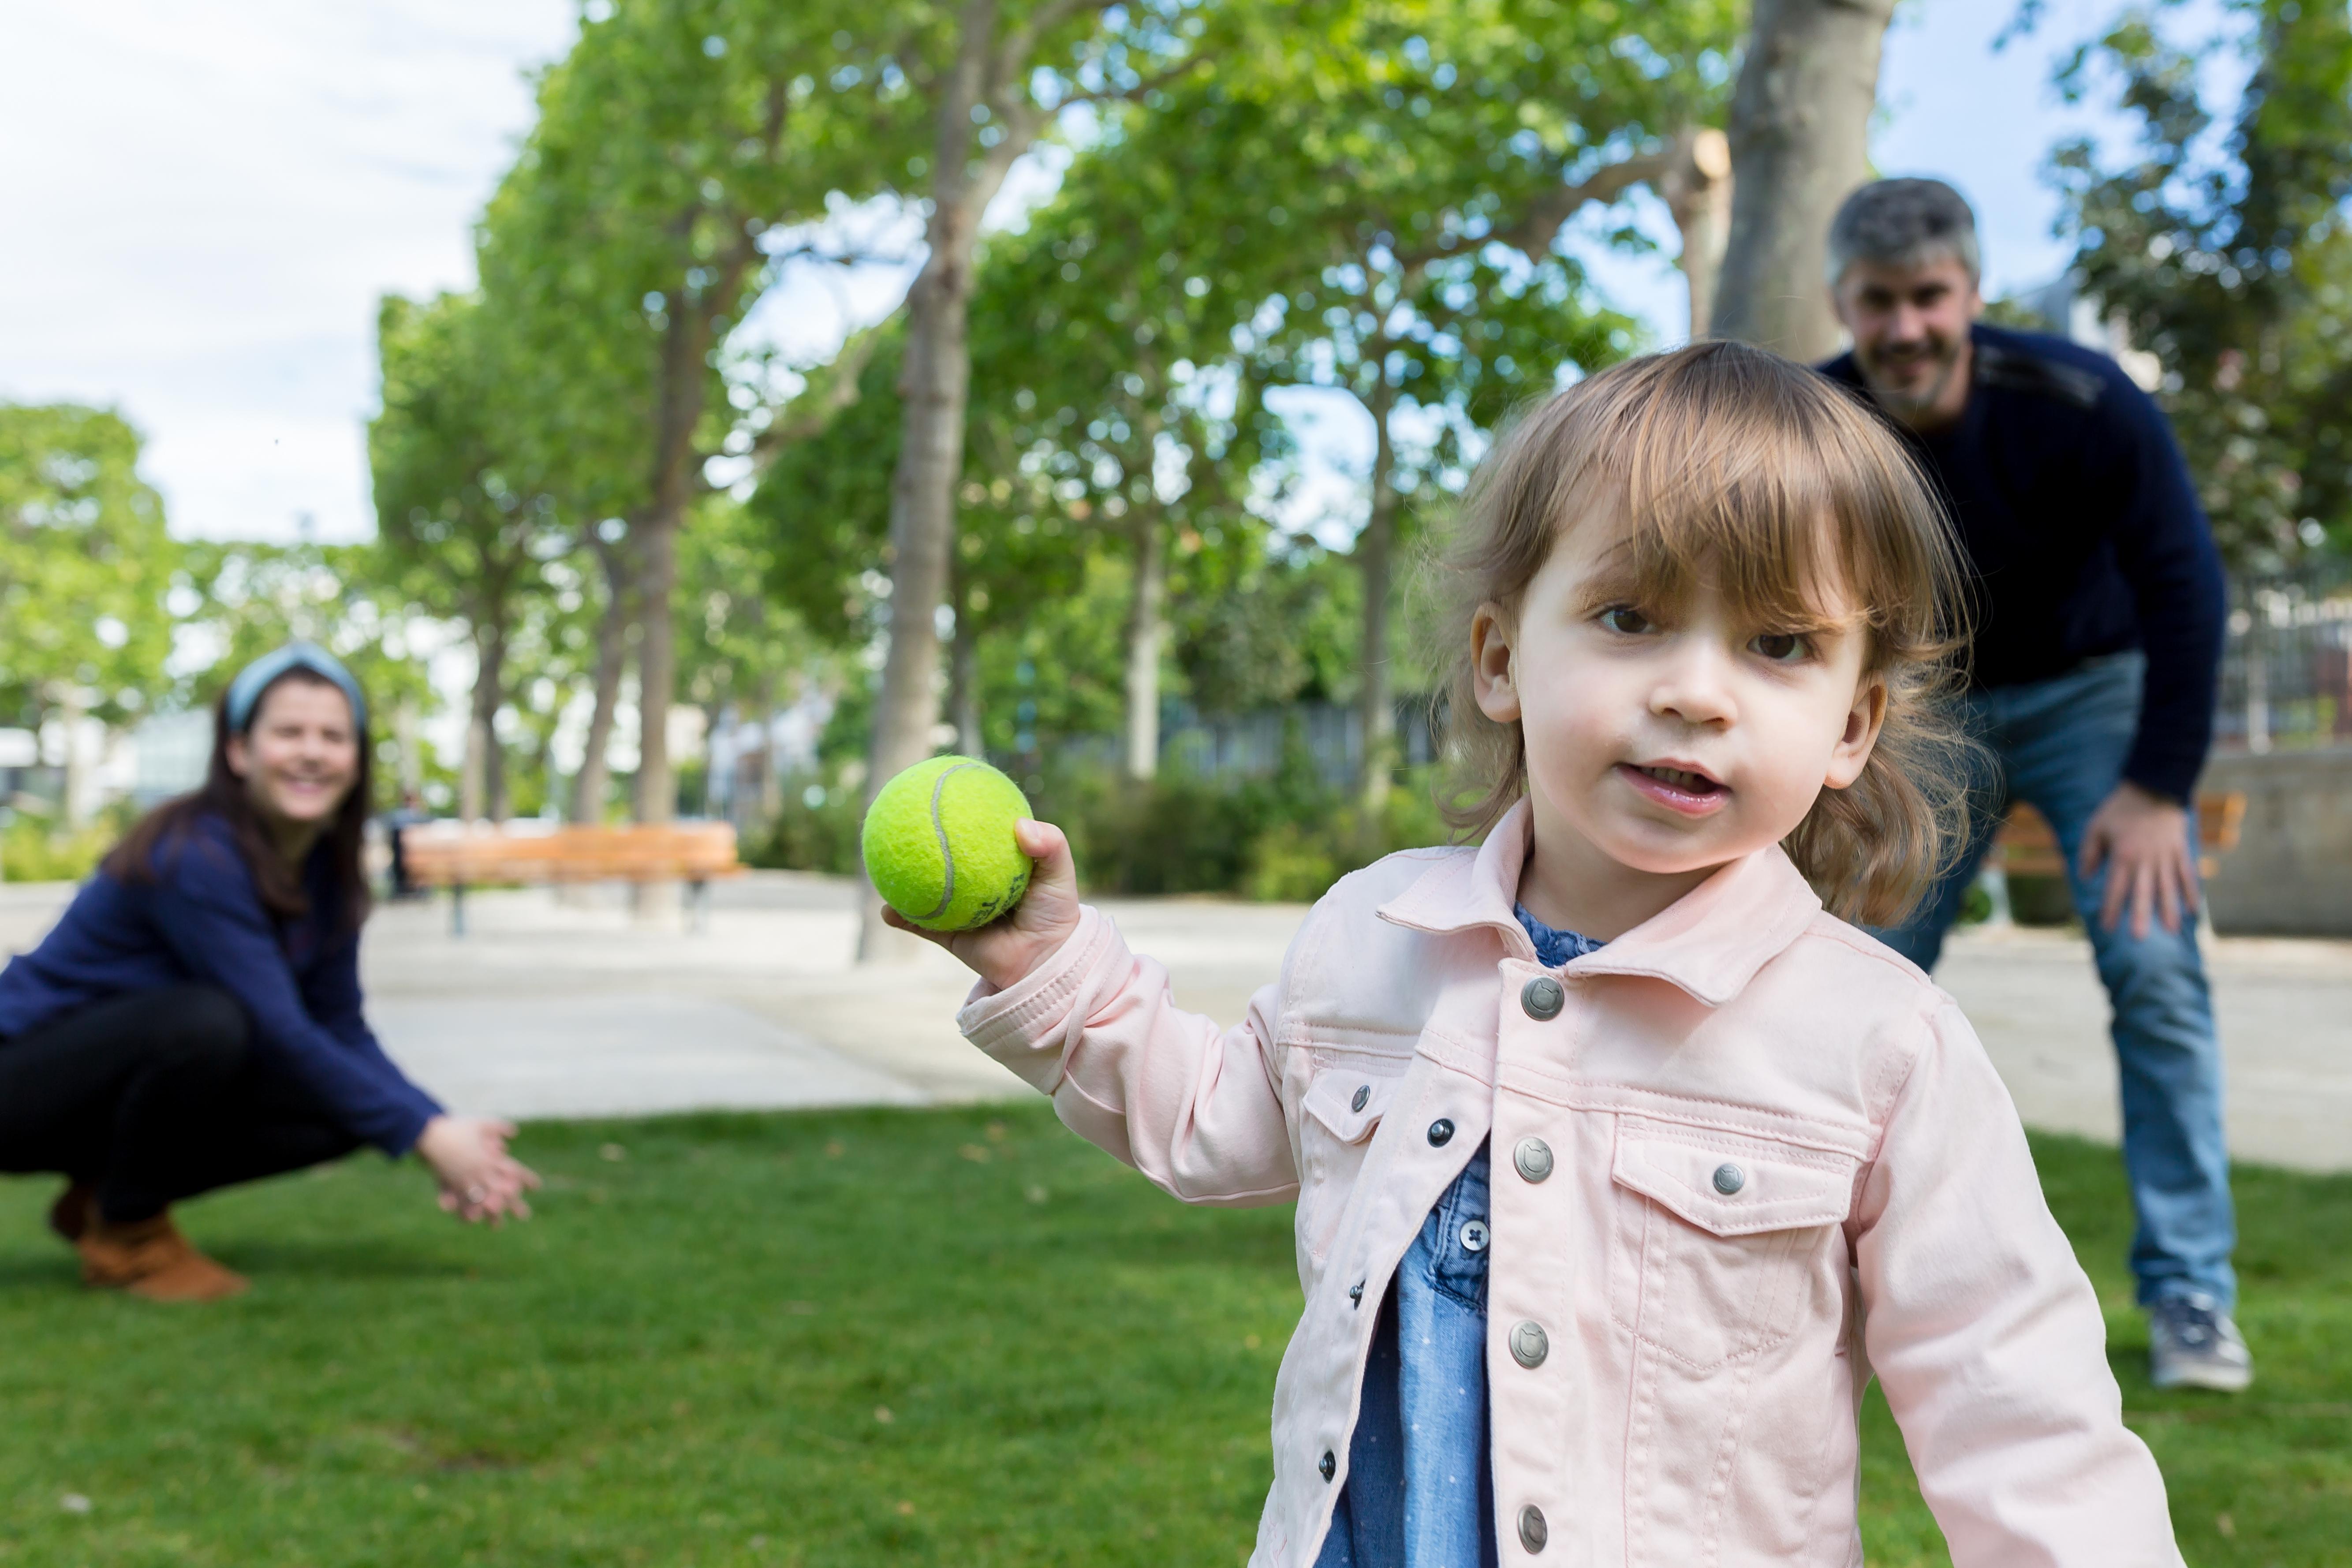 Séance photo en famille au parc à Asnières sur Seine